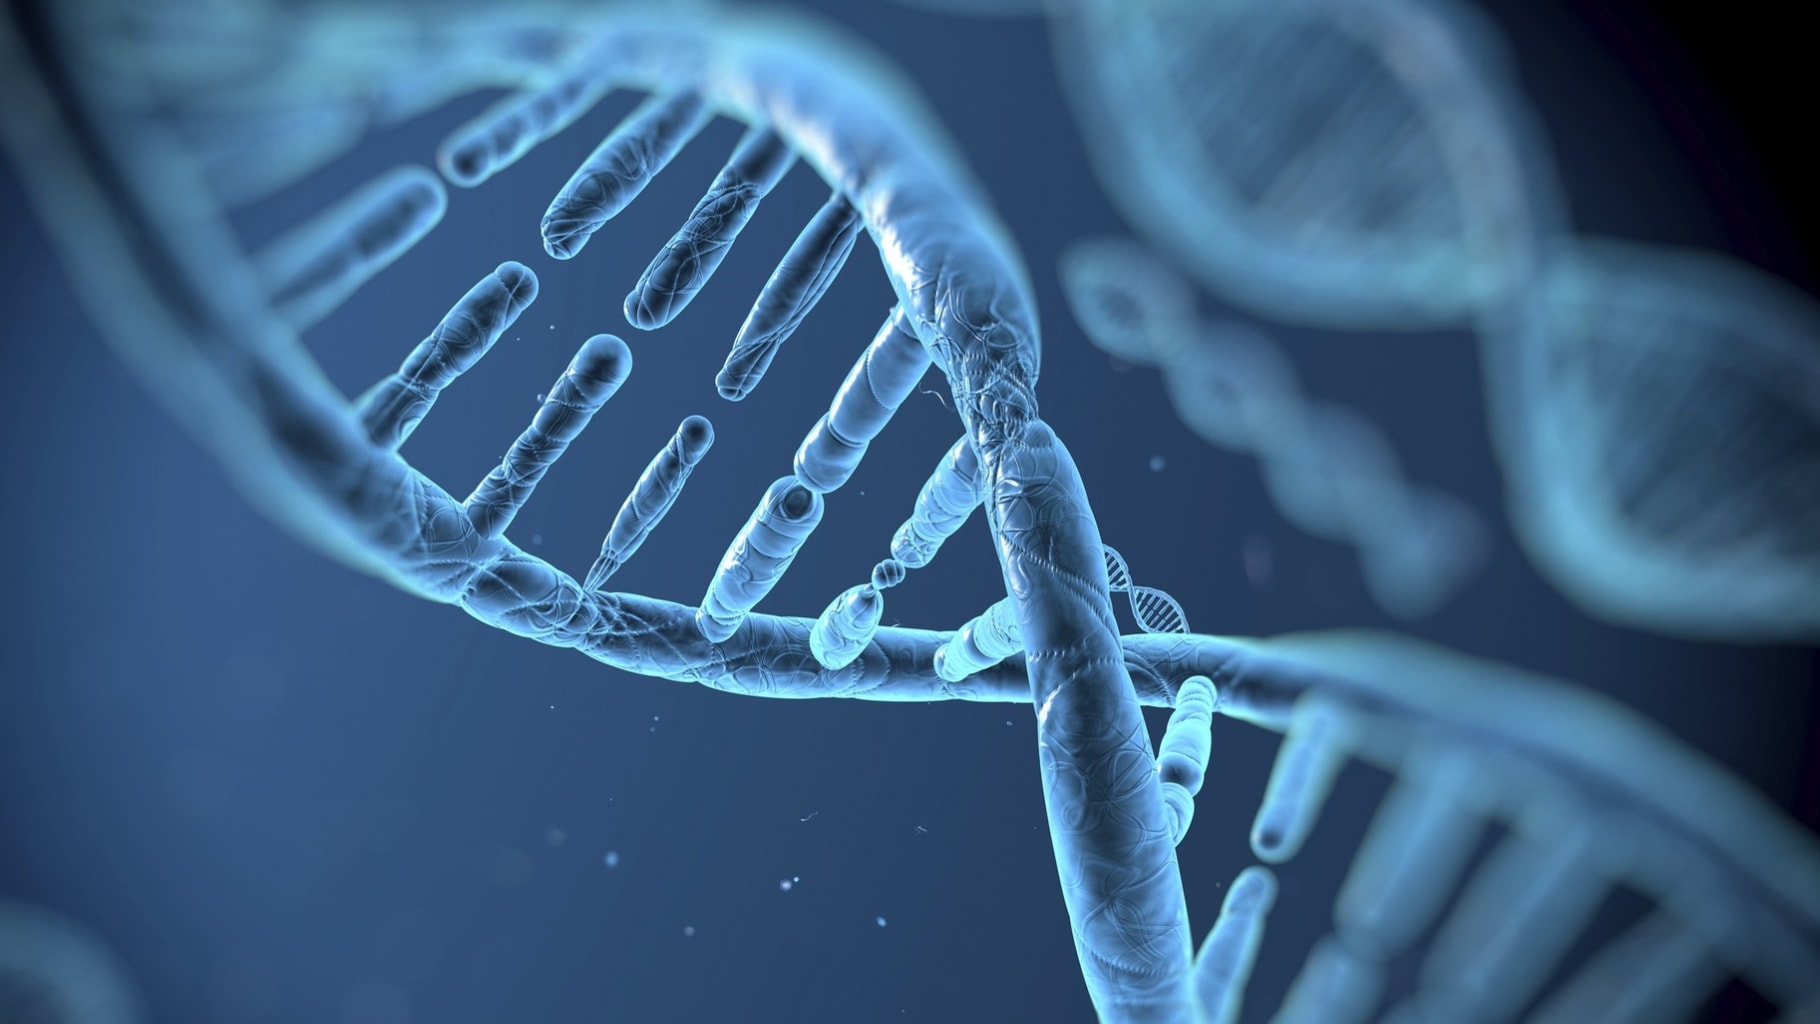 Хранение цифровых данных в ДНК